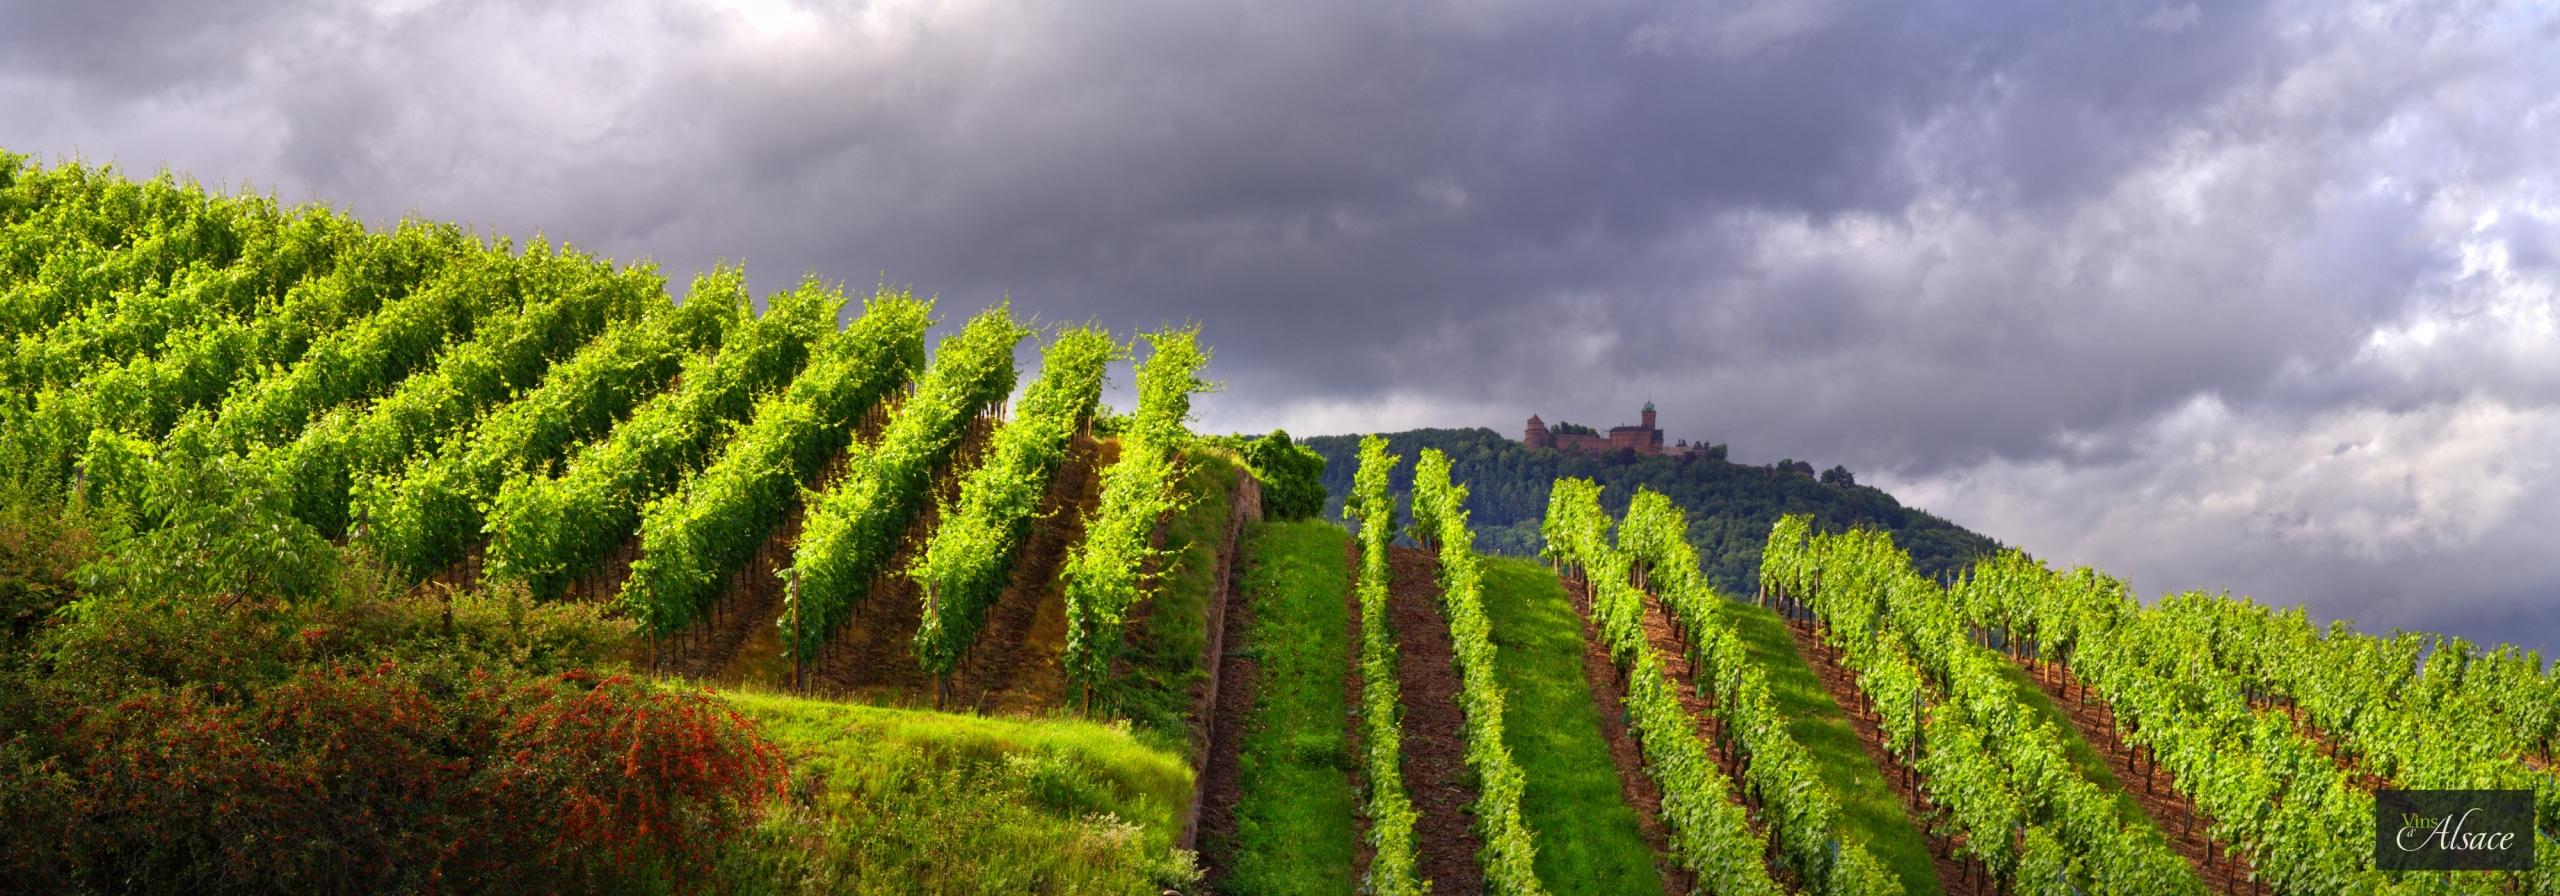 Images Et Fonds Décran Du Vin Et De La Vigne Vins Dalsace